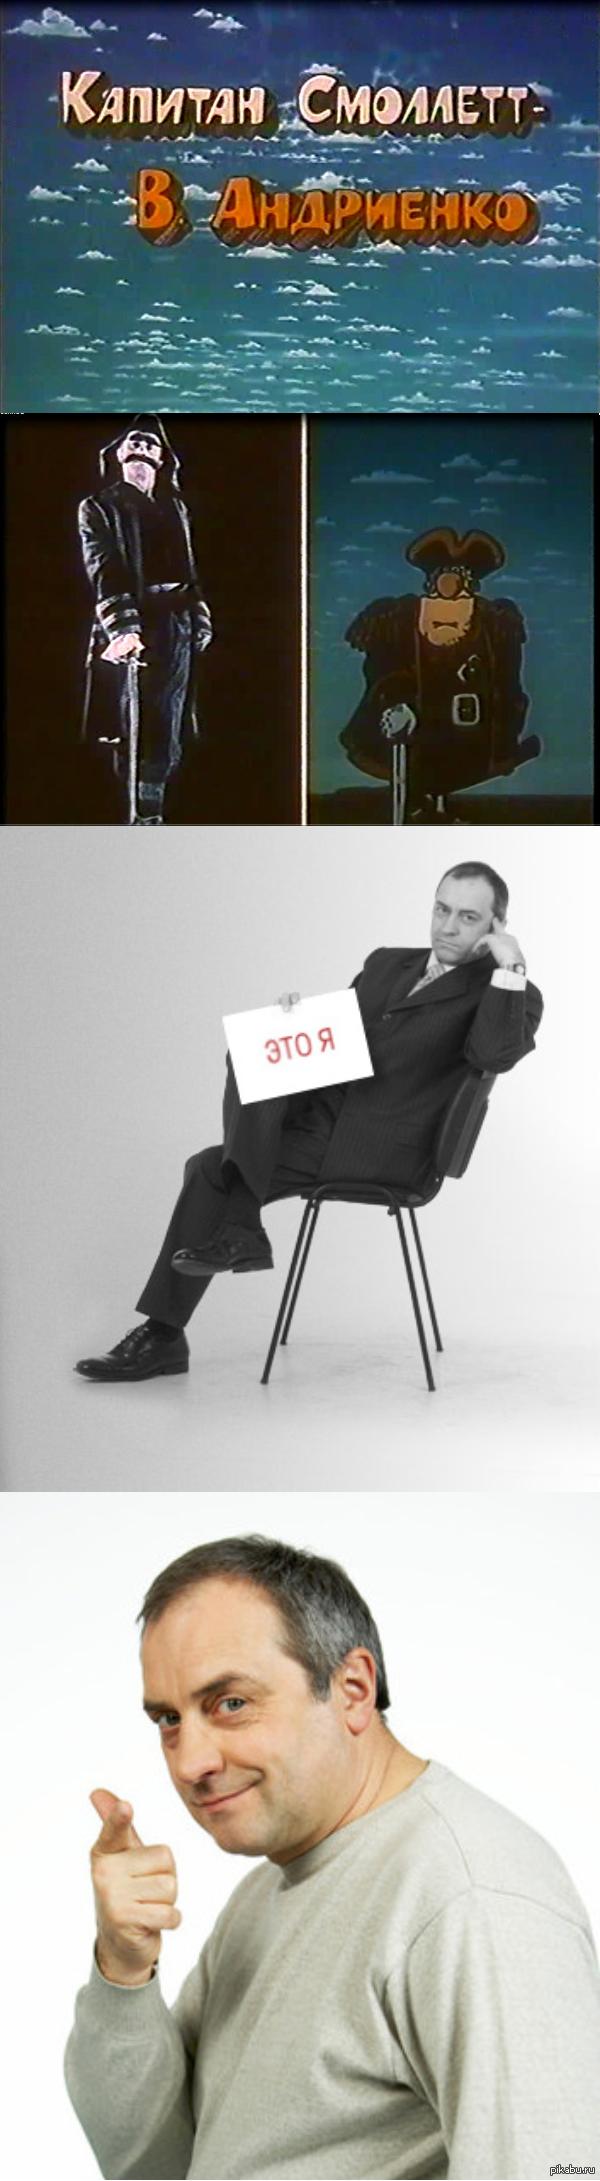 """А знаете ли вы... Что Капитана Смоллетта из советской (1988 г.) экранизаци """"Острова Сокровищ"""" Р.Л.Стивенсона озвучивал Виктор Андриенко. Да, тот самый из """"Больш"""